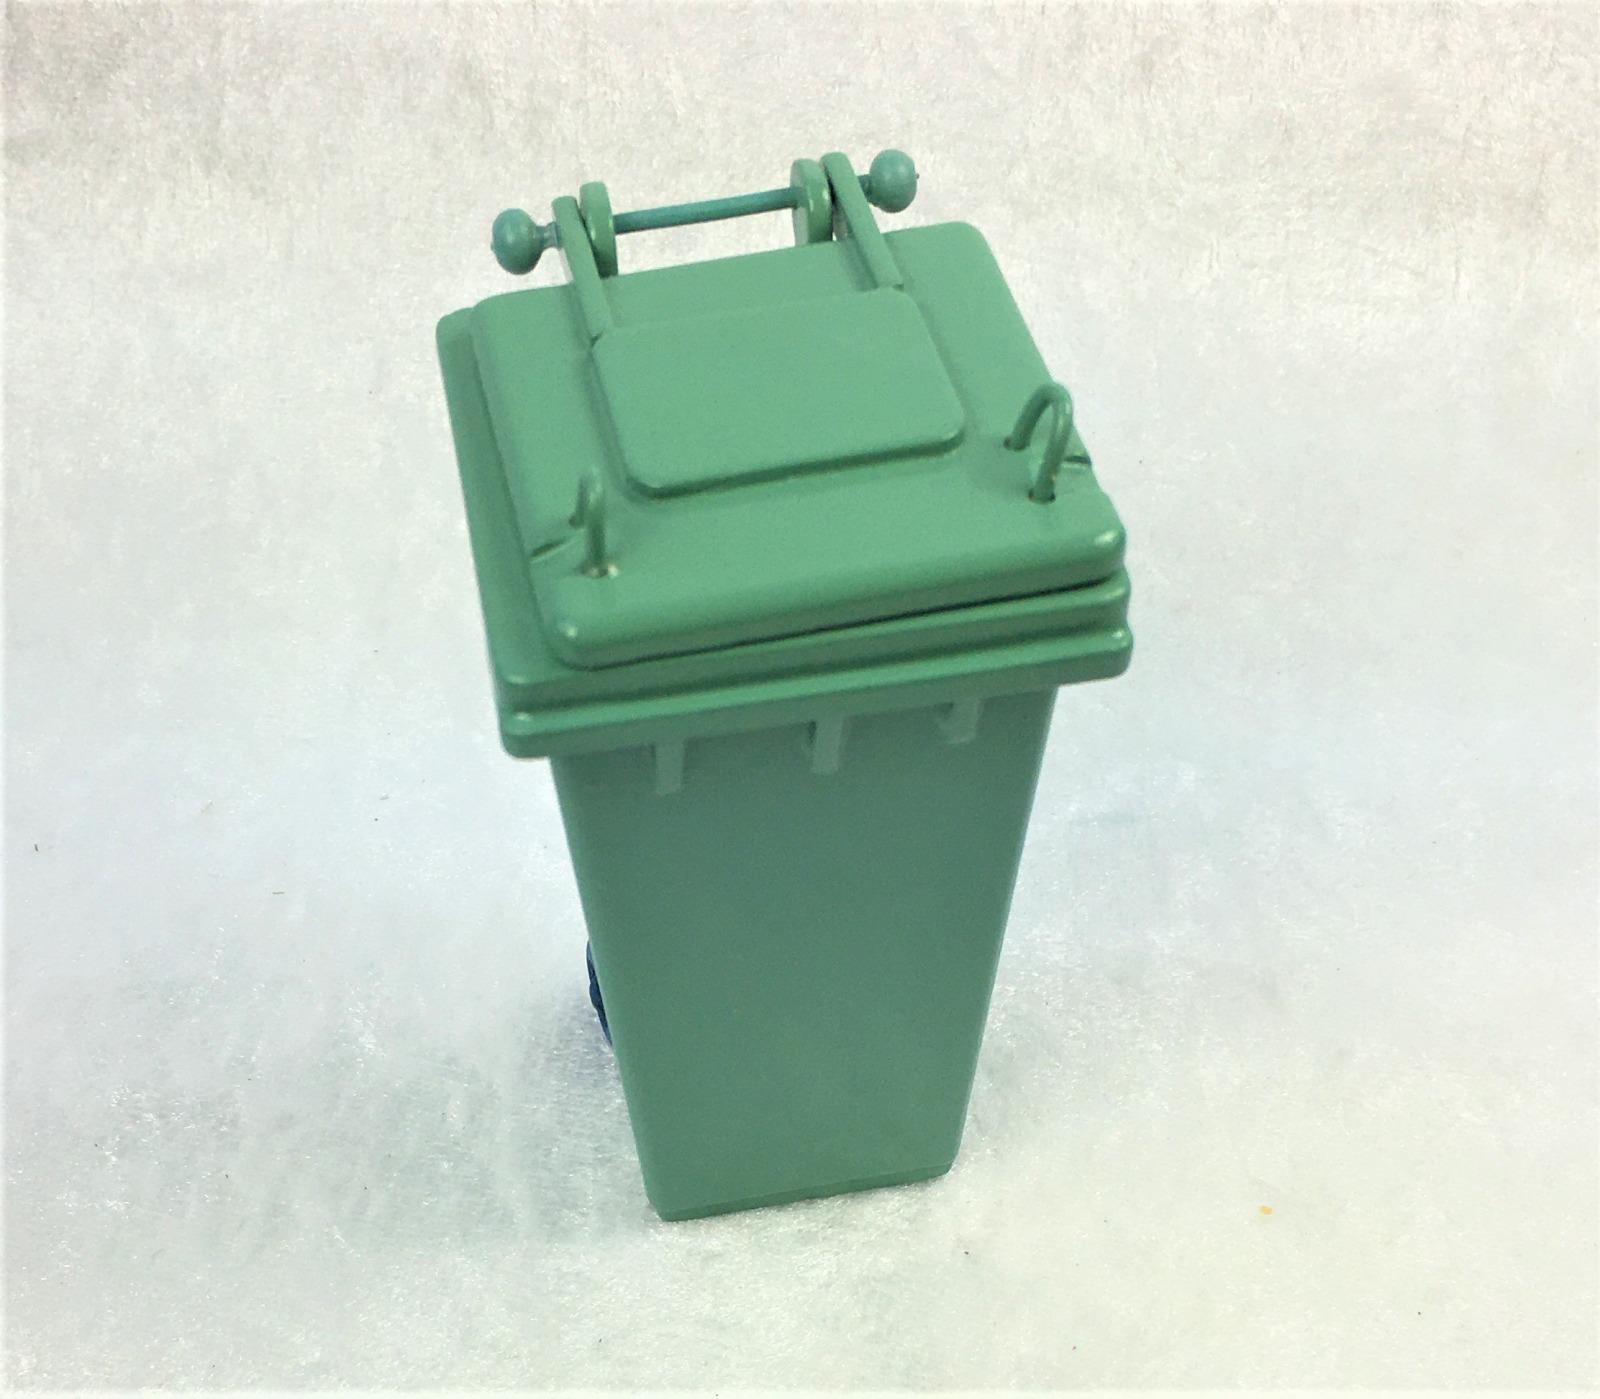 Grüne Abfalltonne Mülltonne Biomülltonne 2